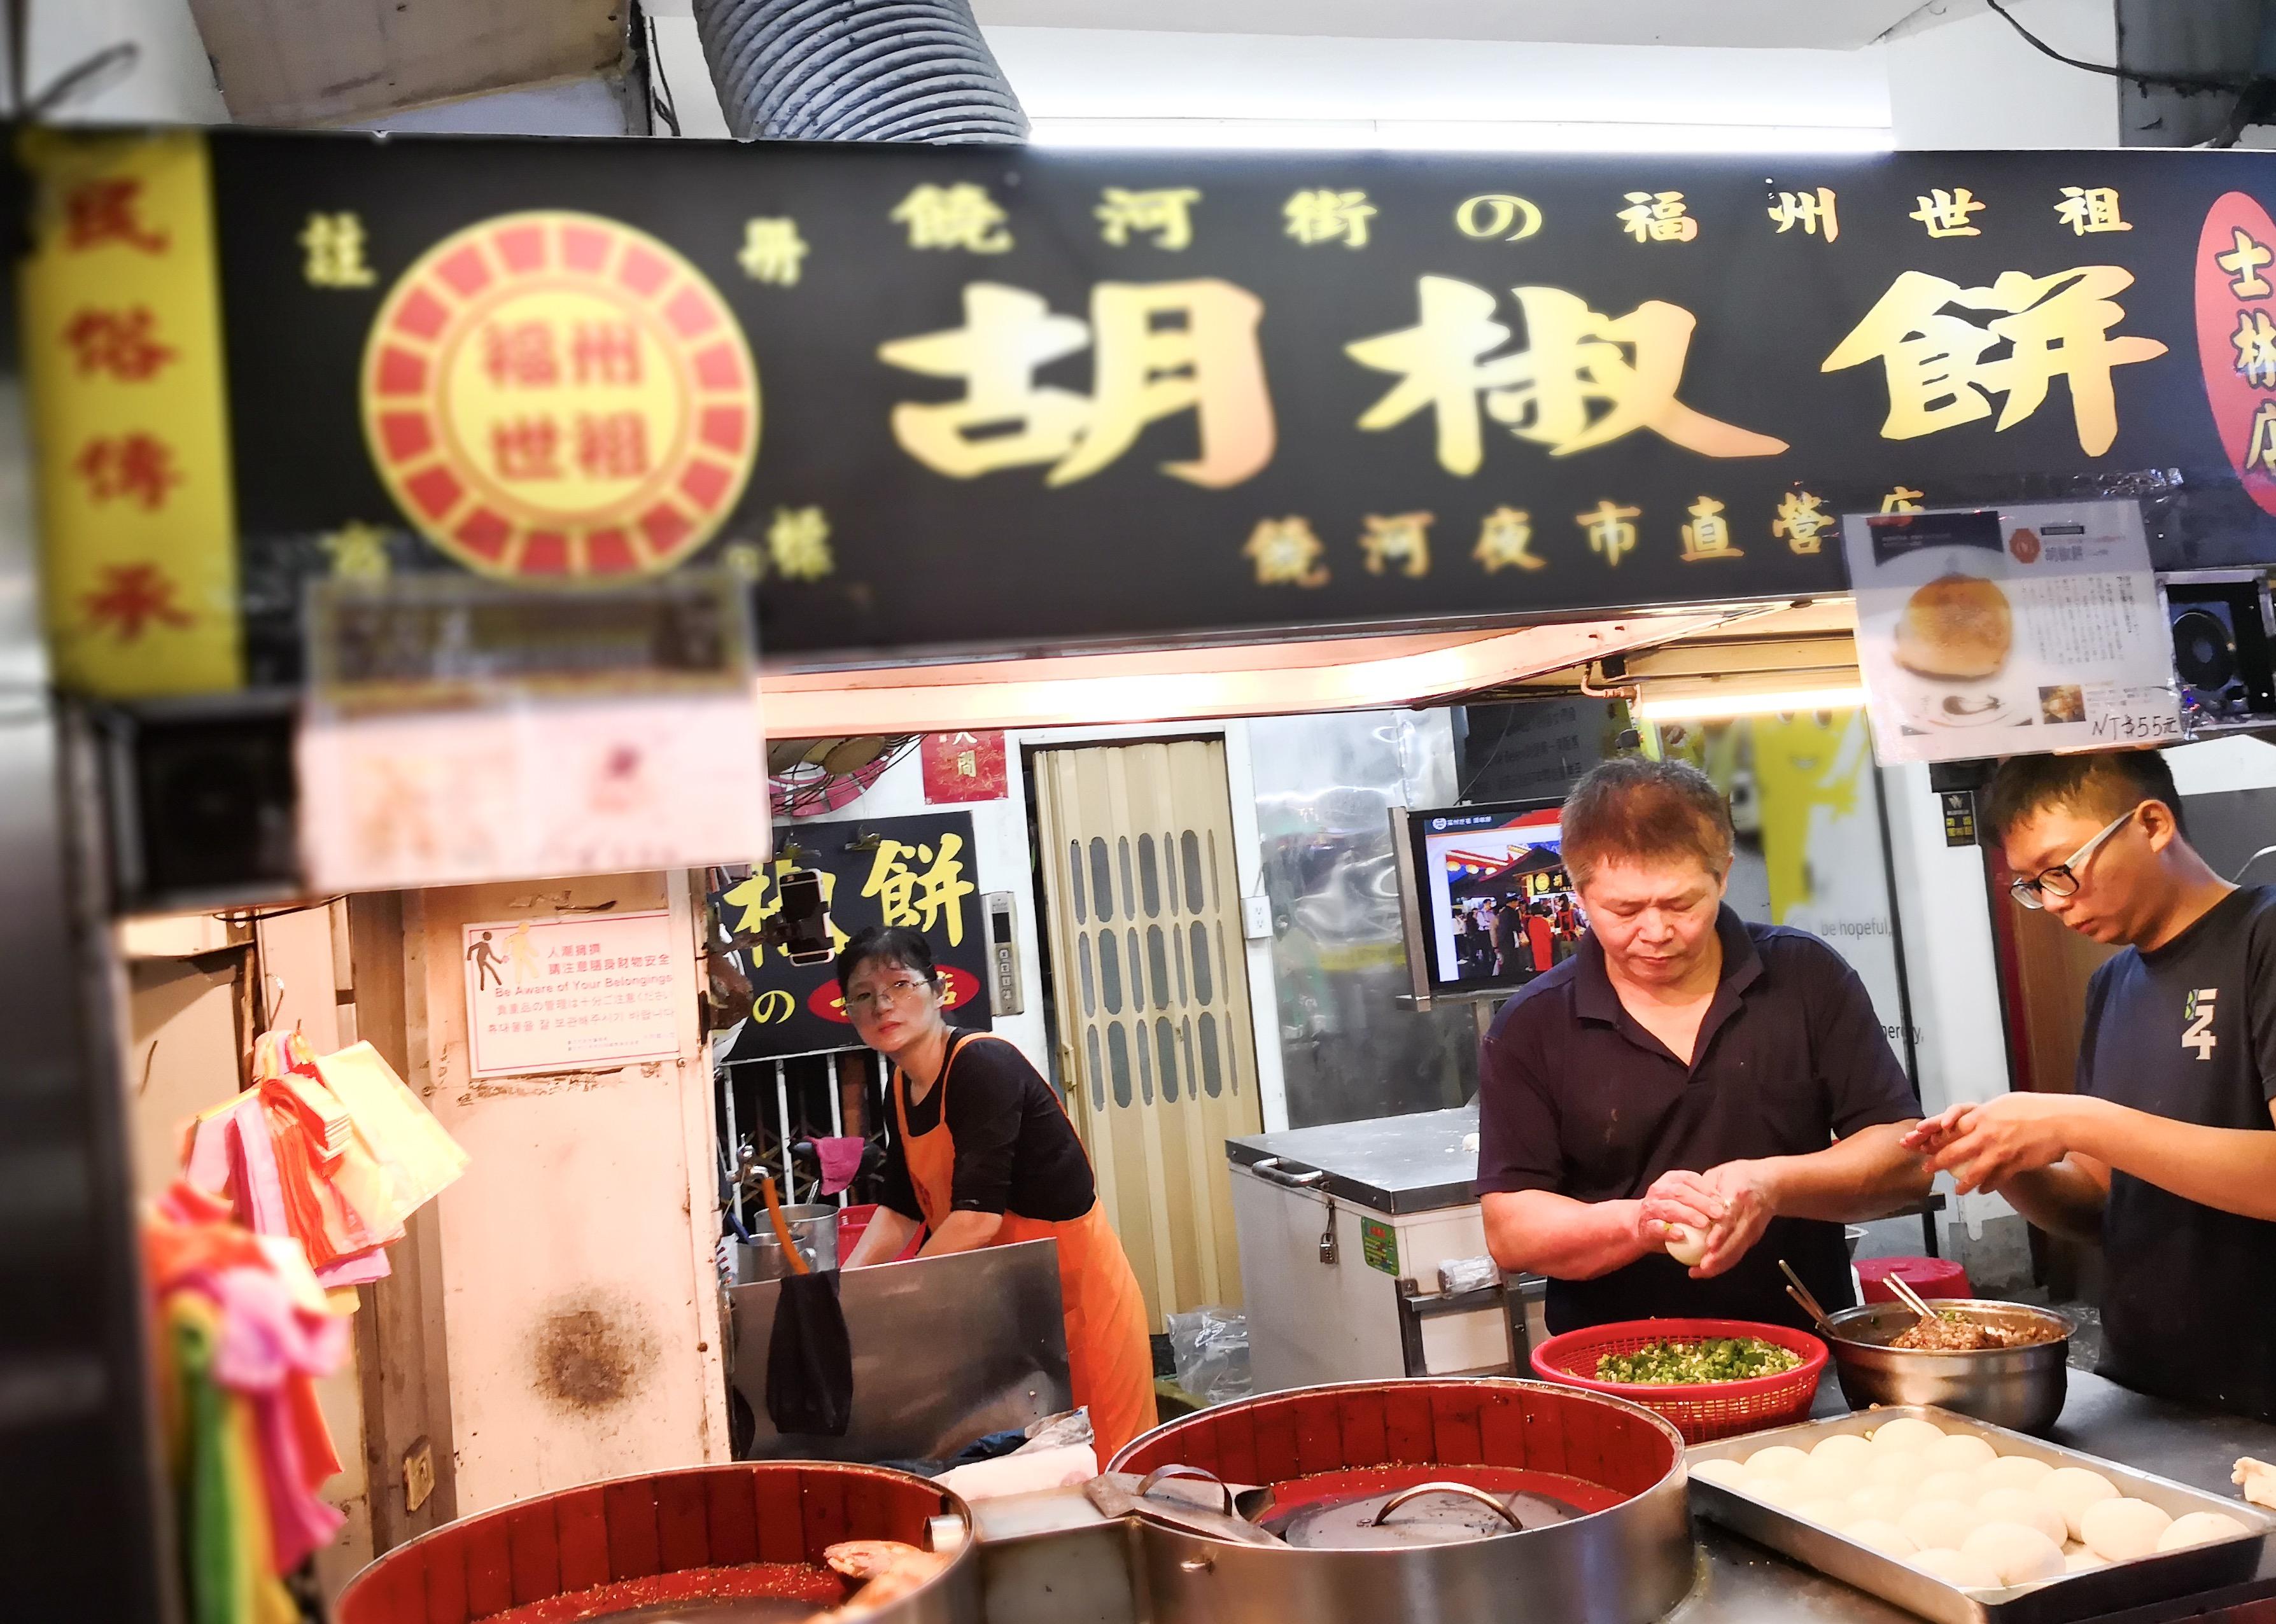 胡椒餅 士林市場 食べ歩きの場所